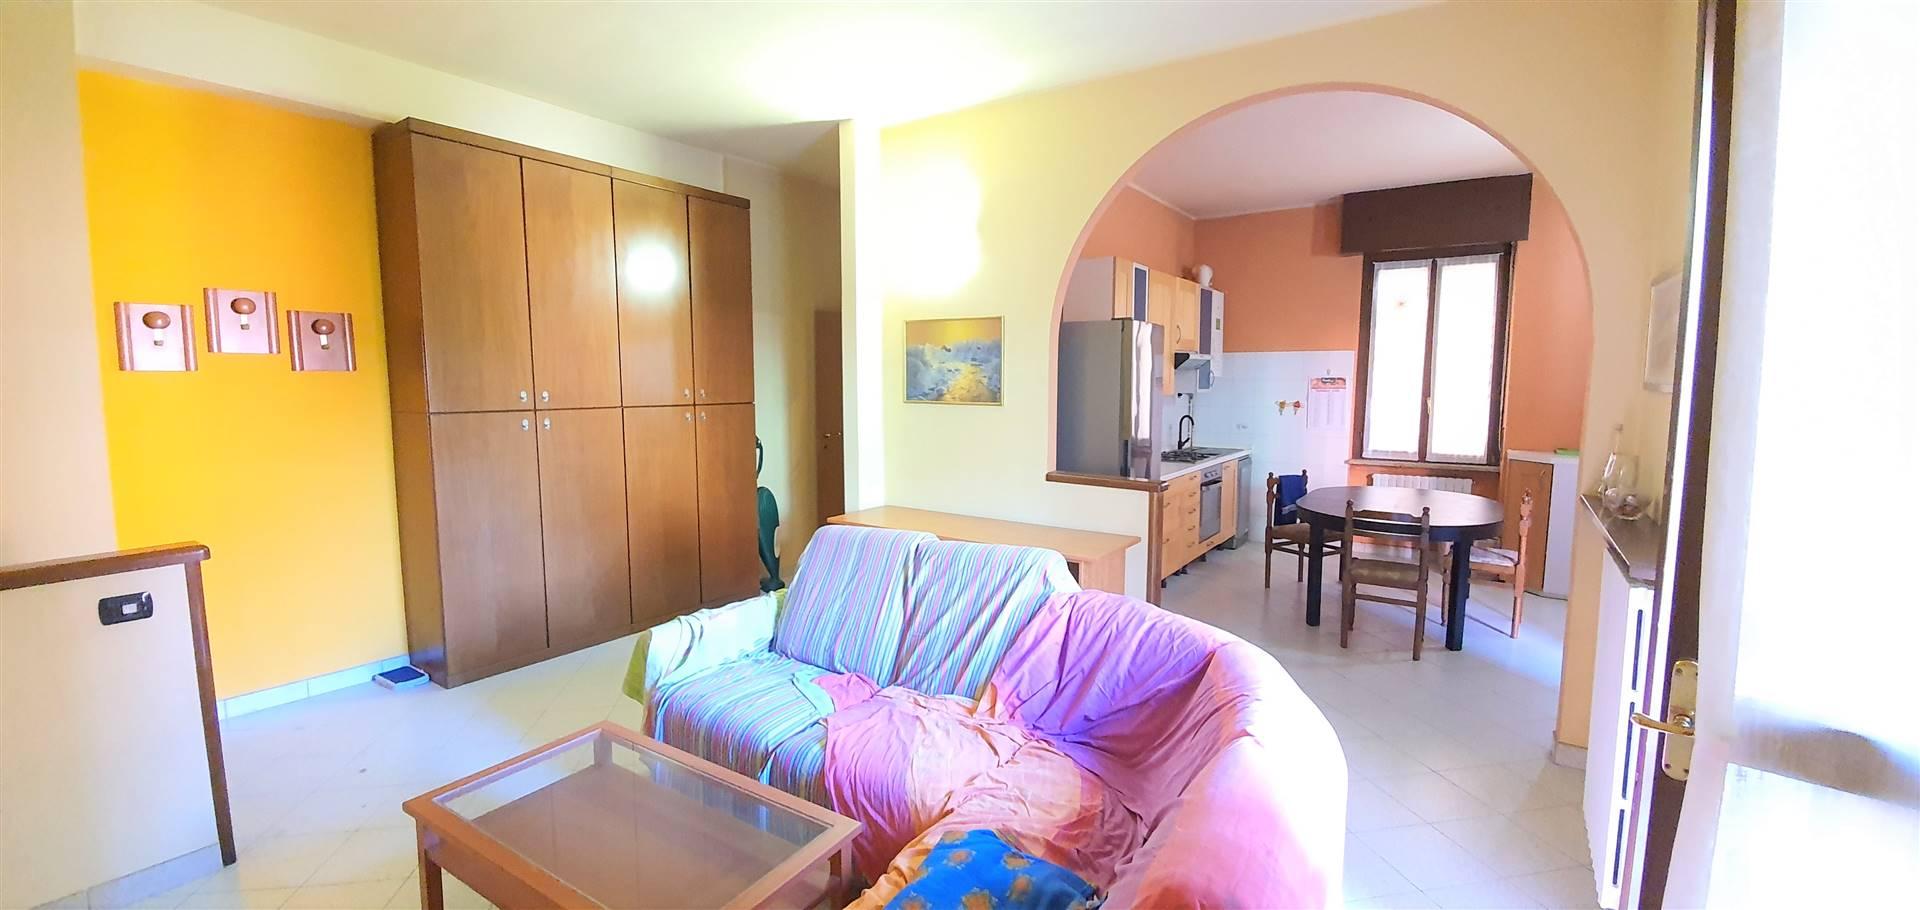 Appartamento in vendita a Senago, 2 locali, zona Località: CASTELLETTO, prezzo € 89.000 | PortaleAgenzieImmobiliari.it